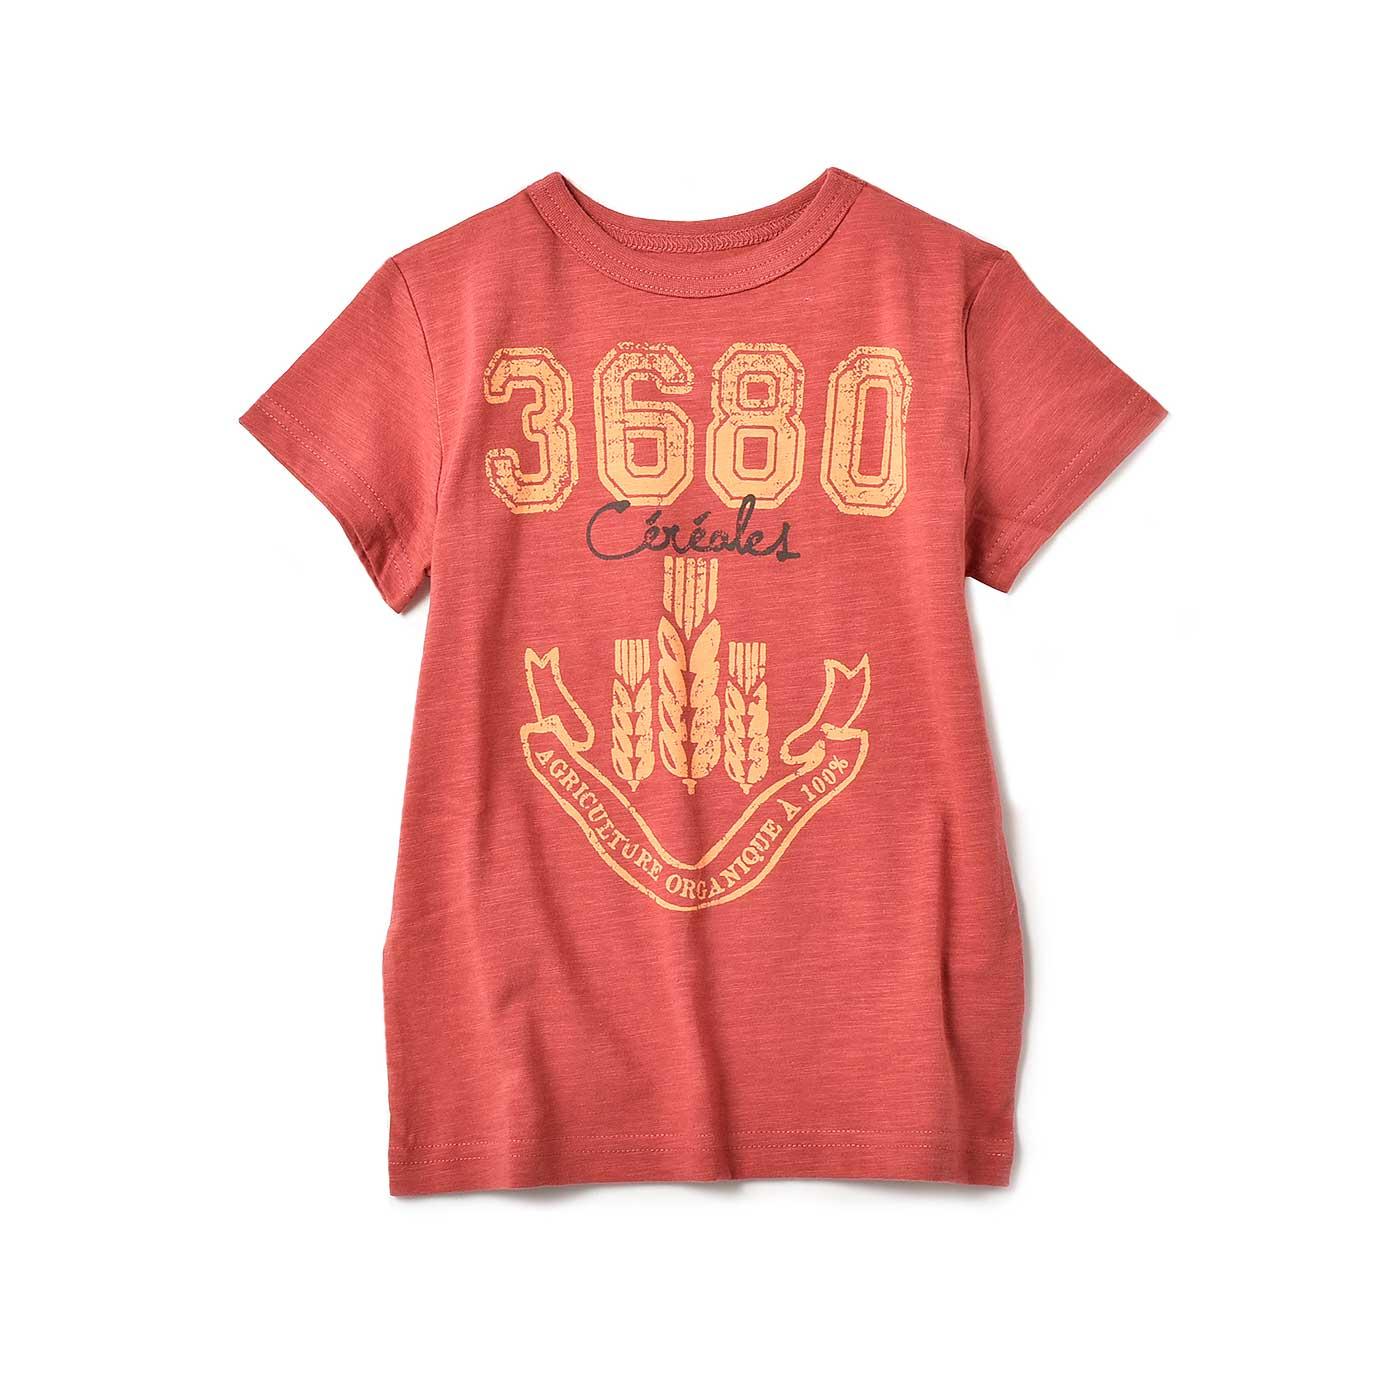 毎日着たくなる タフな顔のくったりロゴTシャツ〈キッズ〉〈39〉